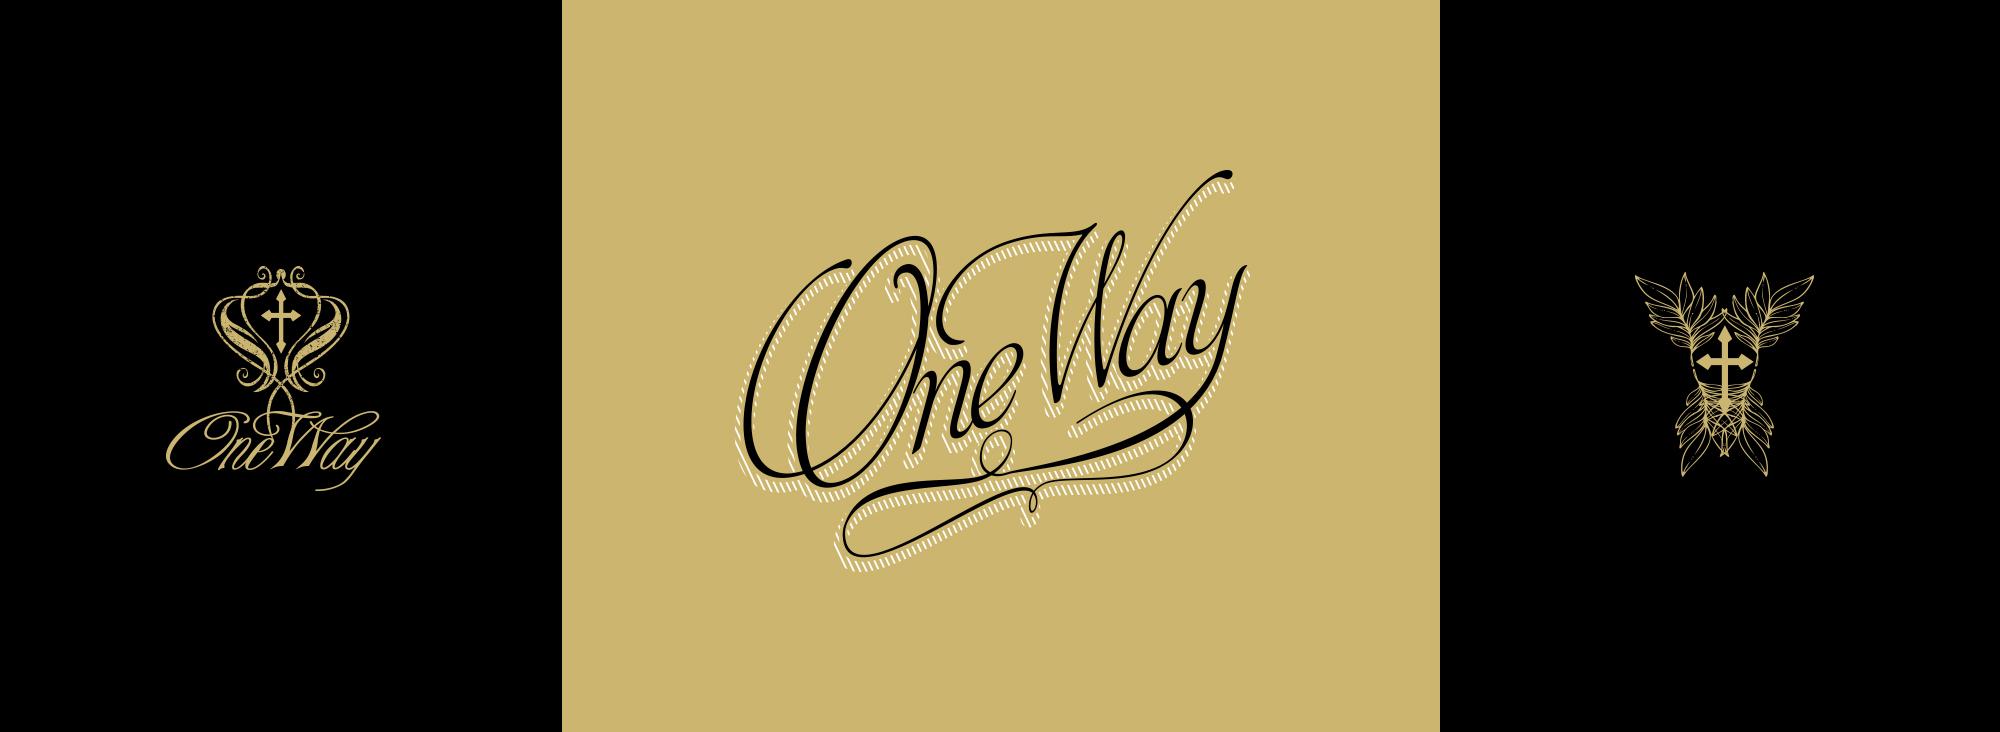 Oneway logos